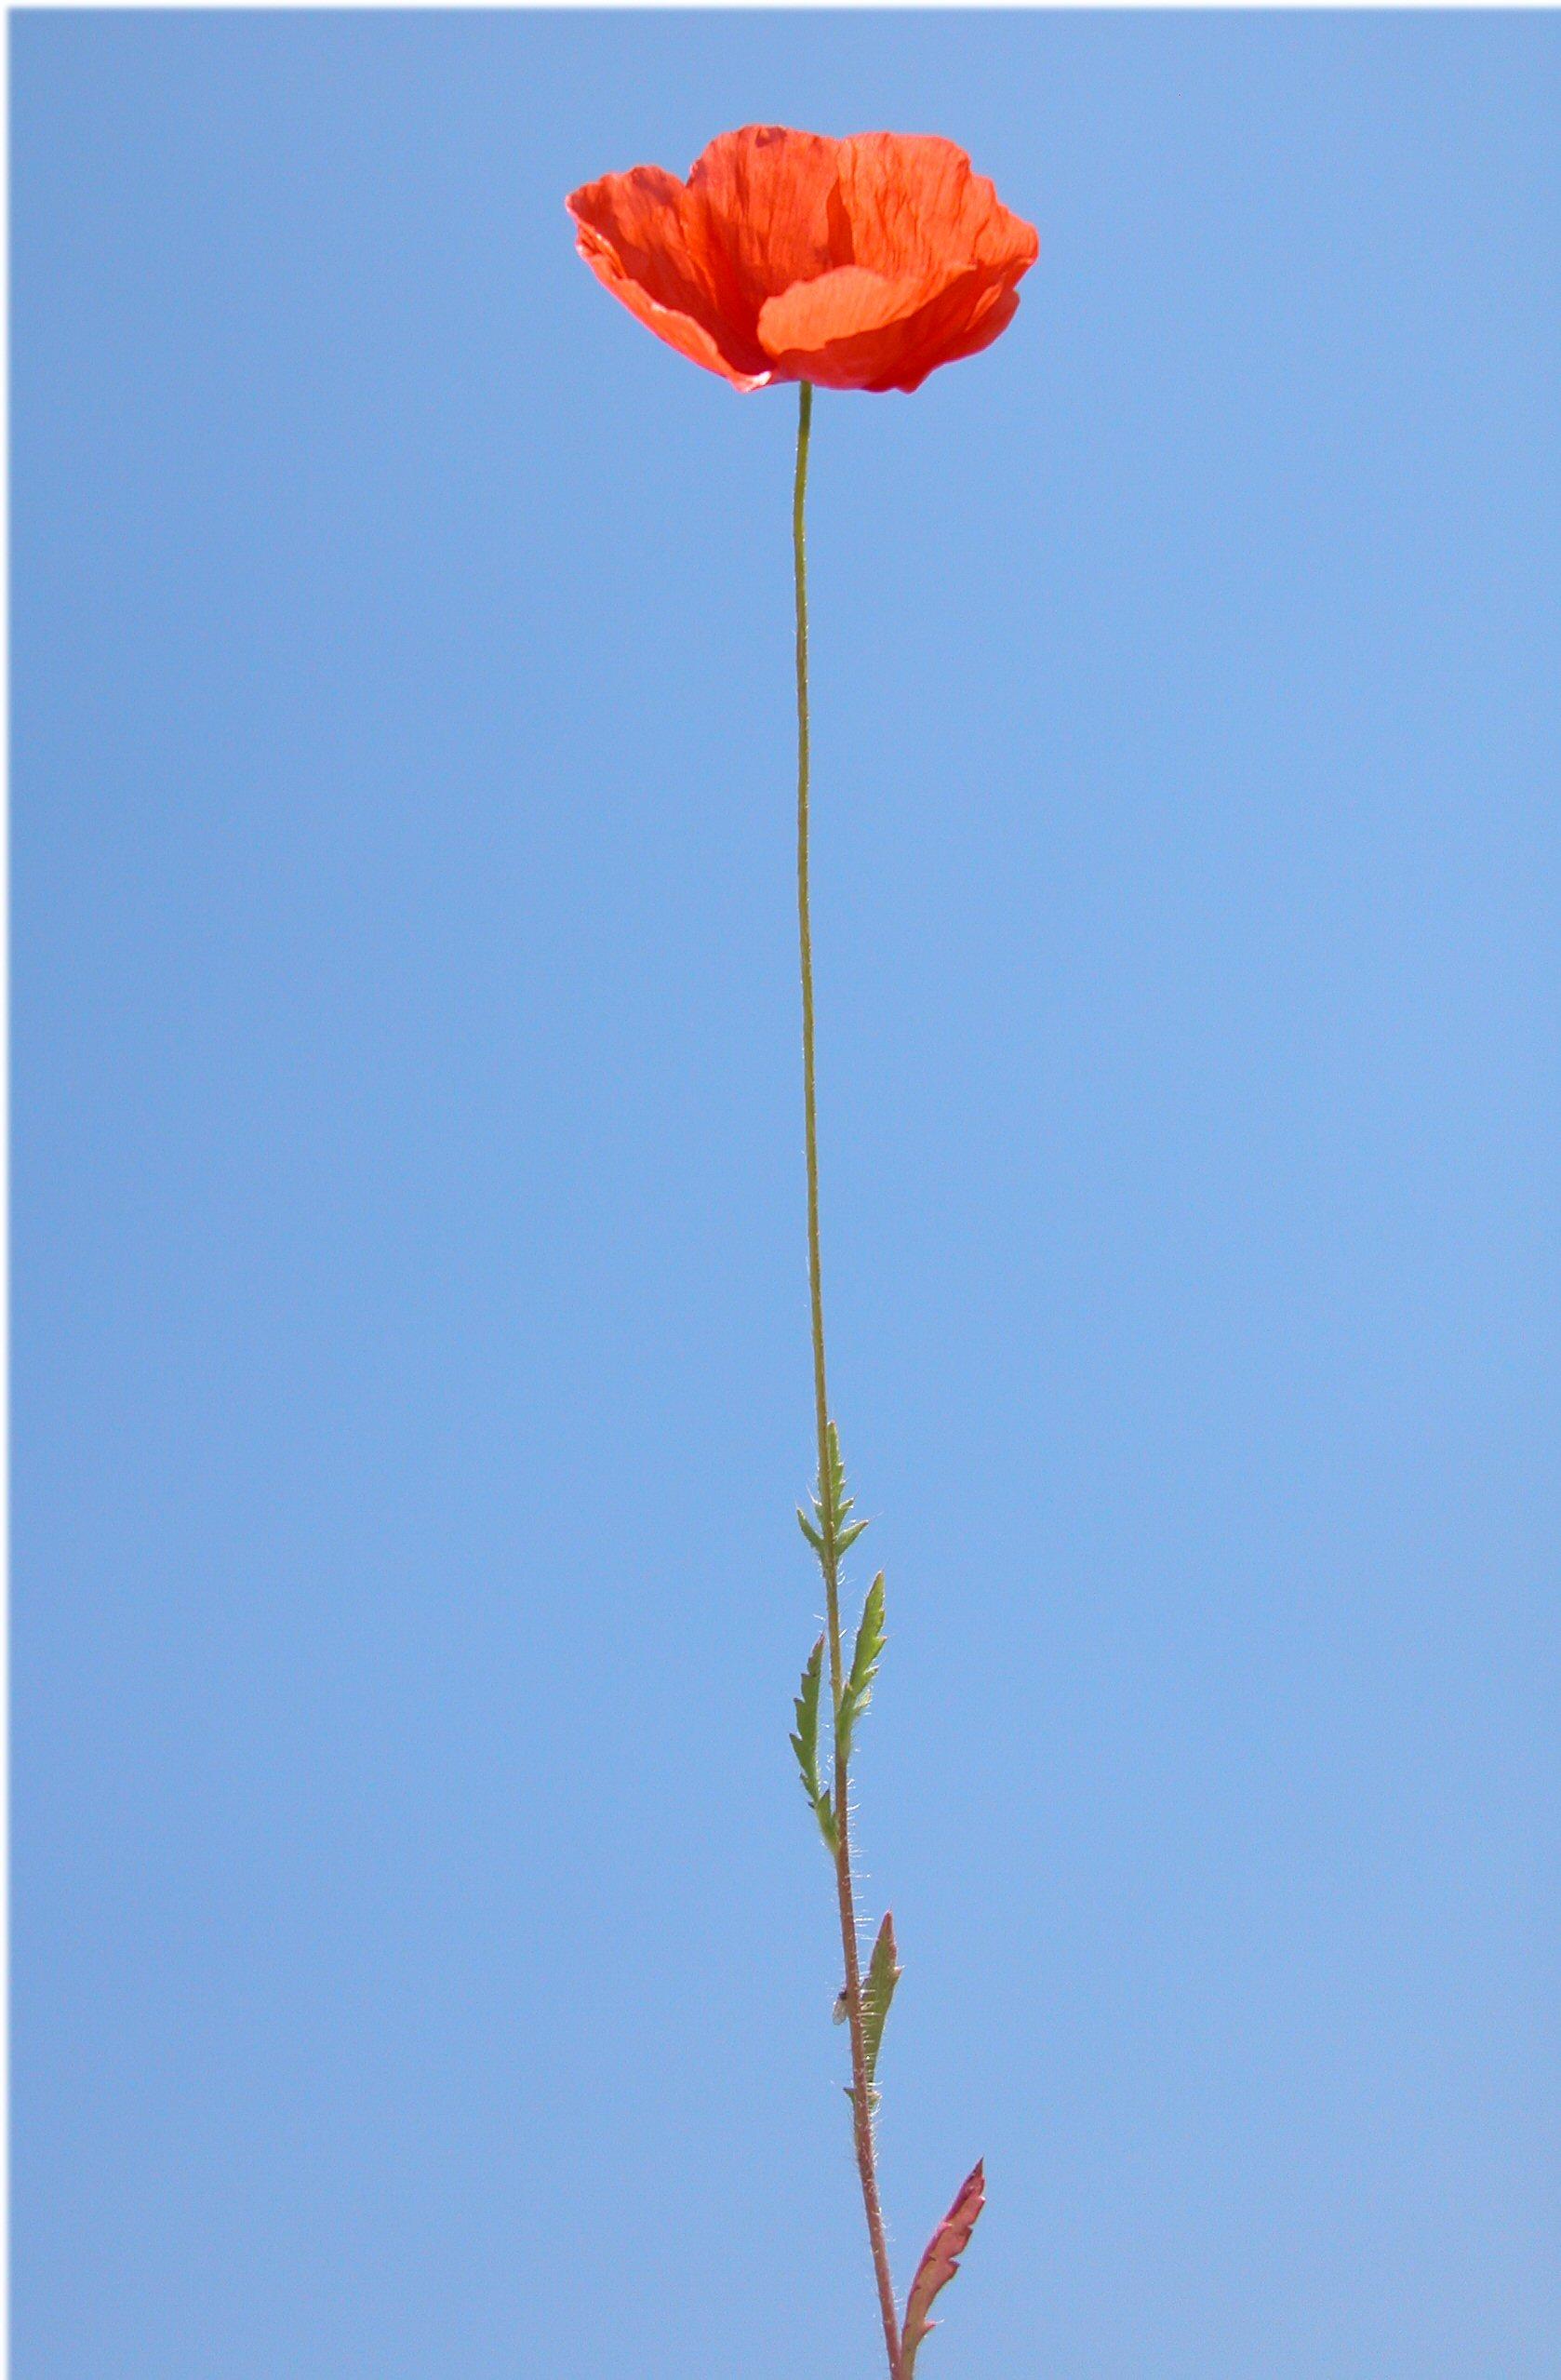 © Dipartimento di Scienze della Vita, Università degli Studi di Trieste<br>by Andrea Moro<br>Autostrada A4, tra Padova Ovest e Vicenza, parcheggio dell'Autogrill Limenella, direzione Vicenza. , PD, Veneto, Italia, 12/5/05 0.00.00<br>Distributed under CC-BY-SA 4.0 license.